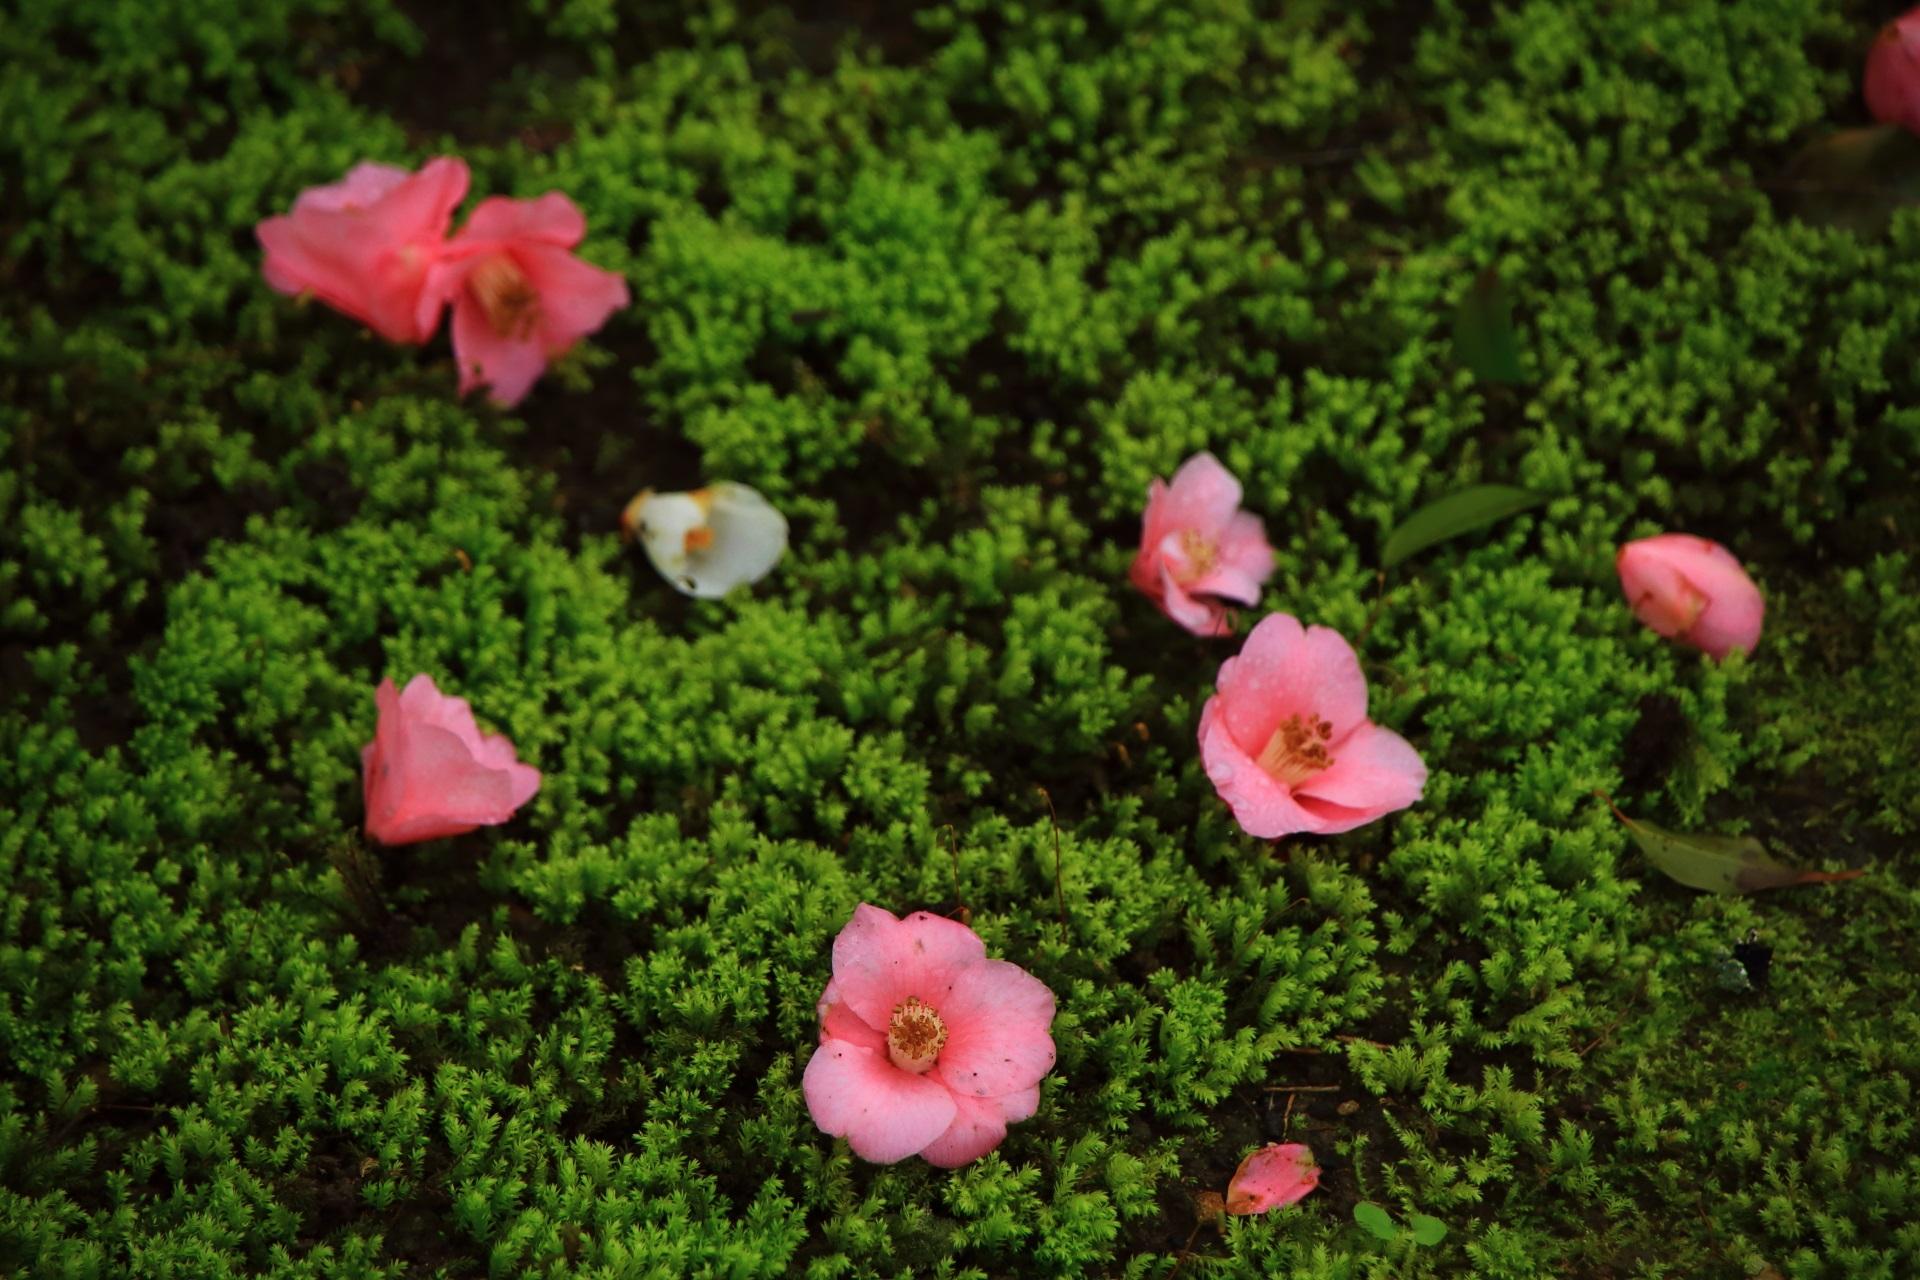 霊鑑寺のピンクの可愛い散り椿